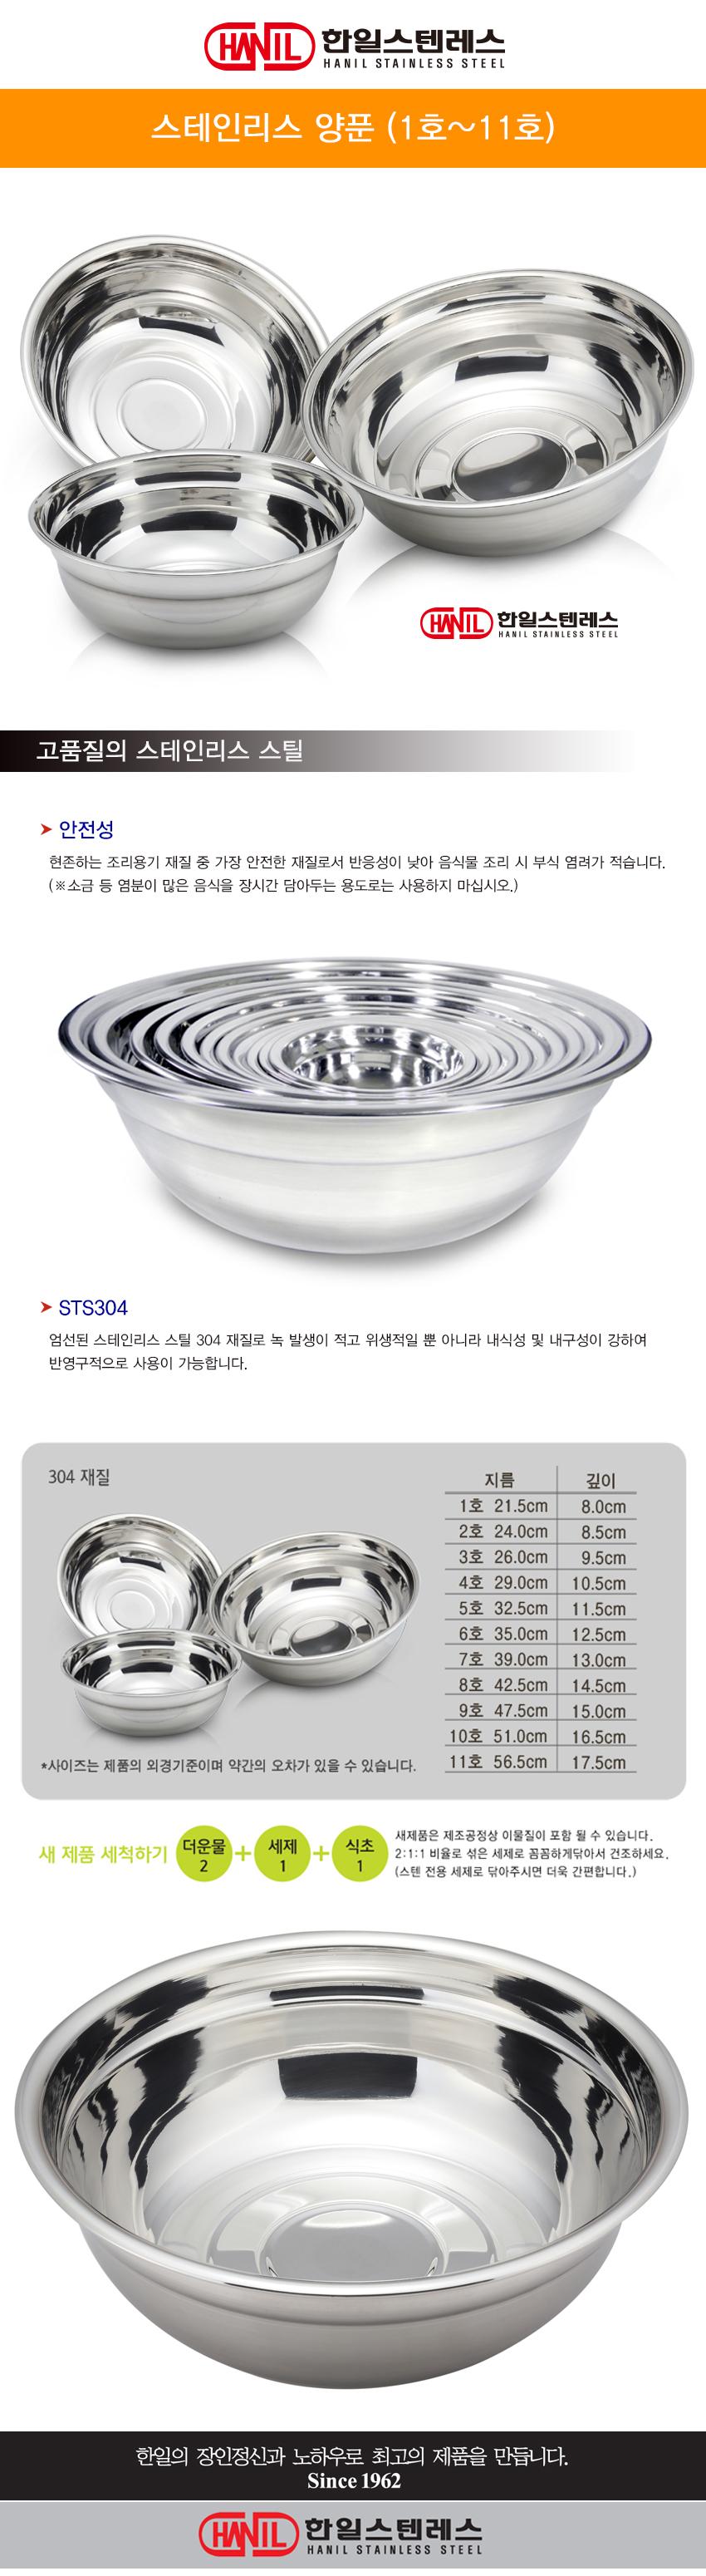 sten_bowl_850_1.jpg